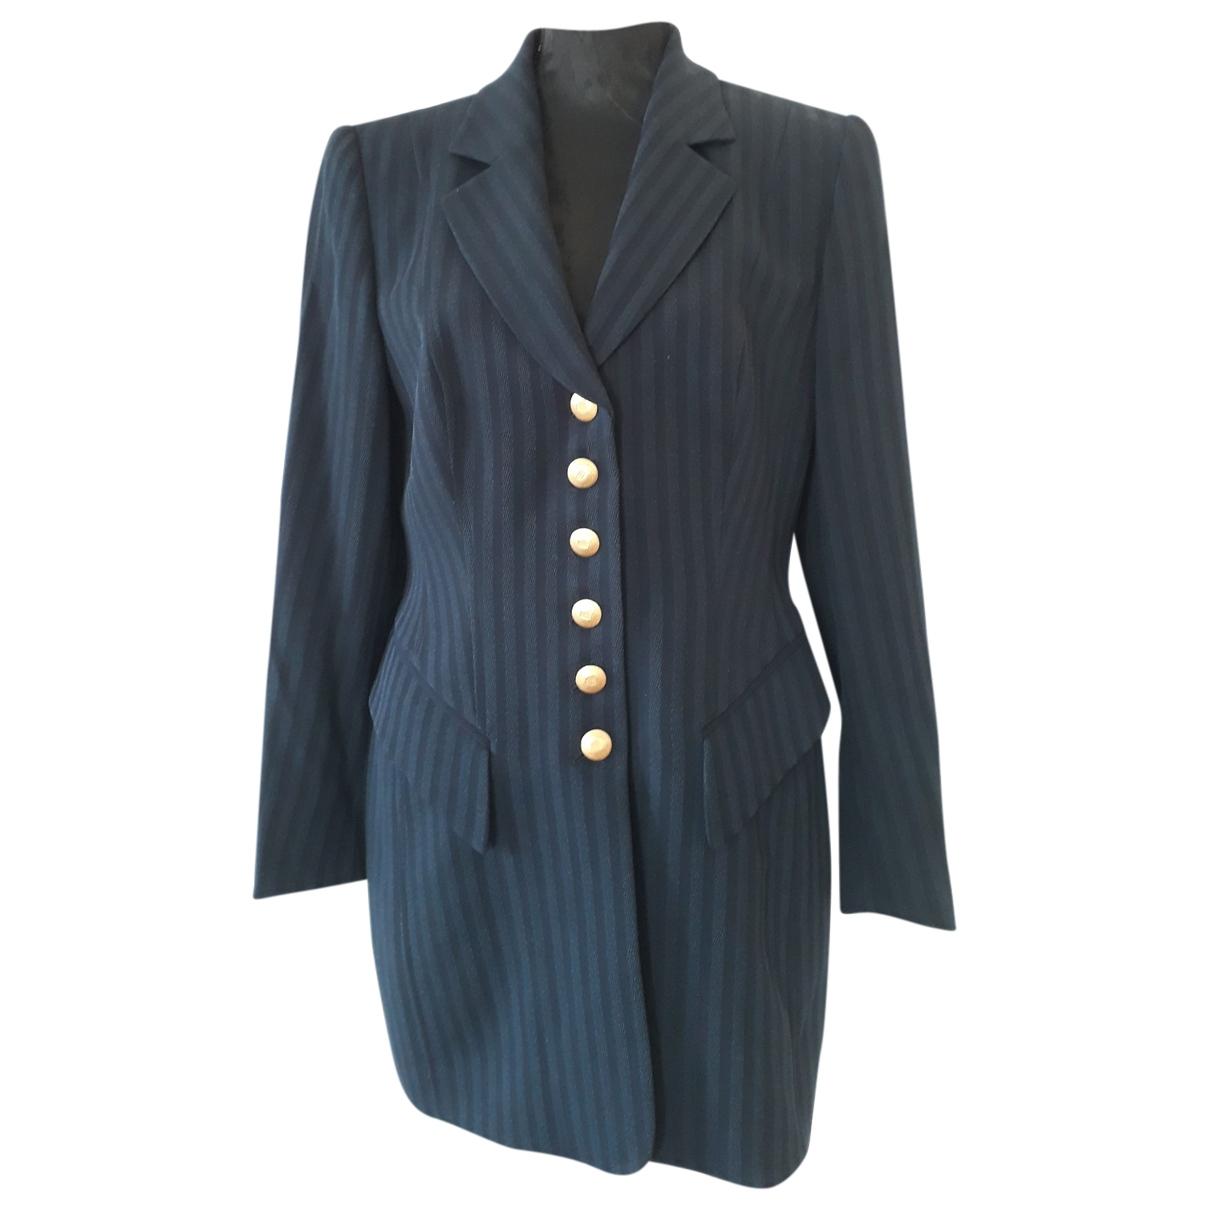 Rena Lange \N Blue Wool jacket for Women 44 IT